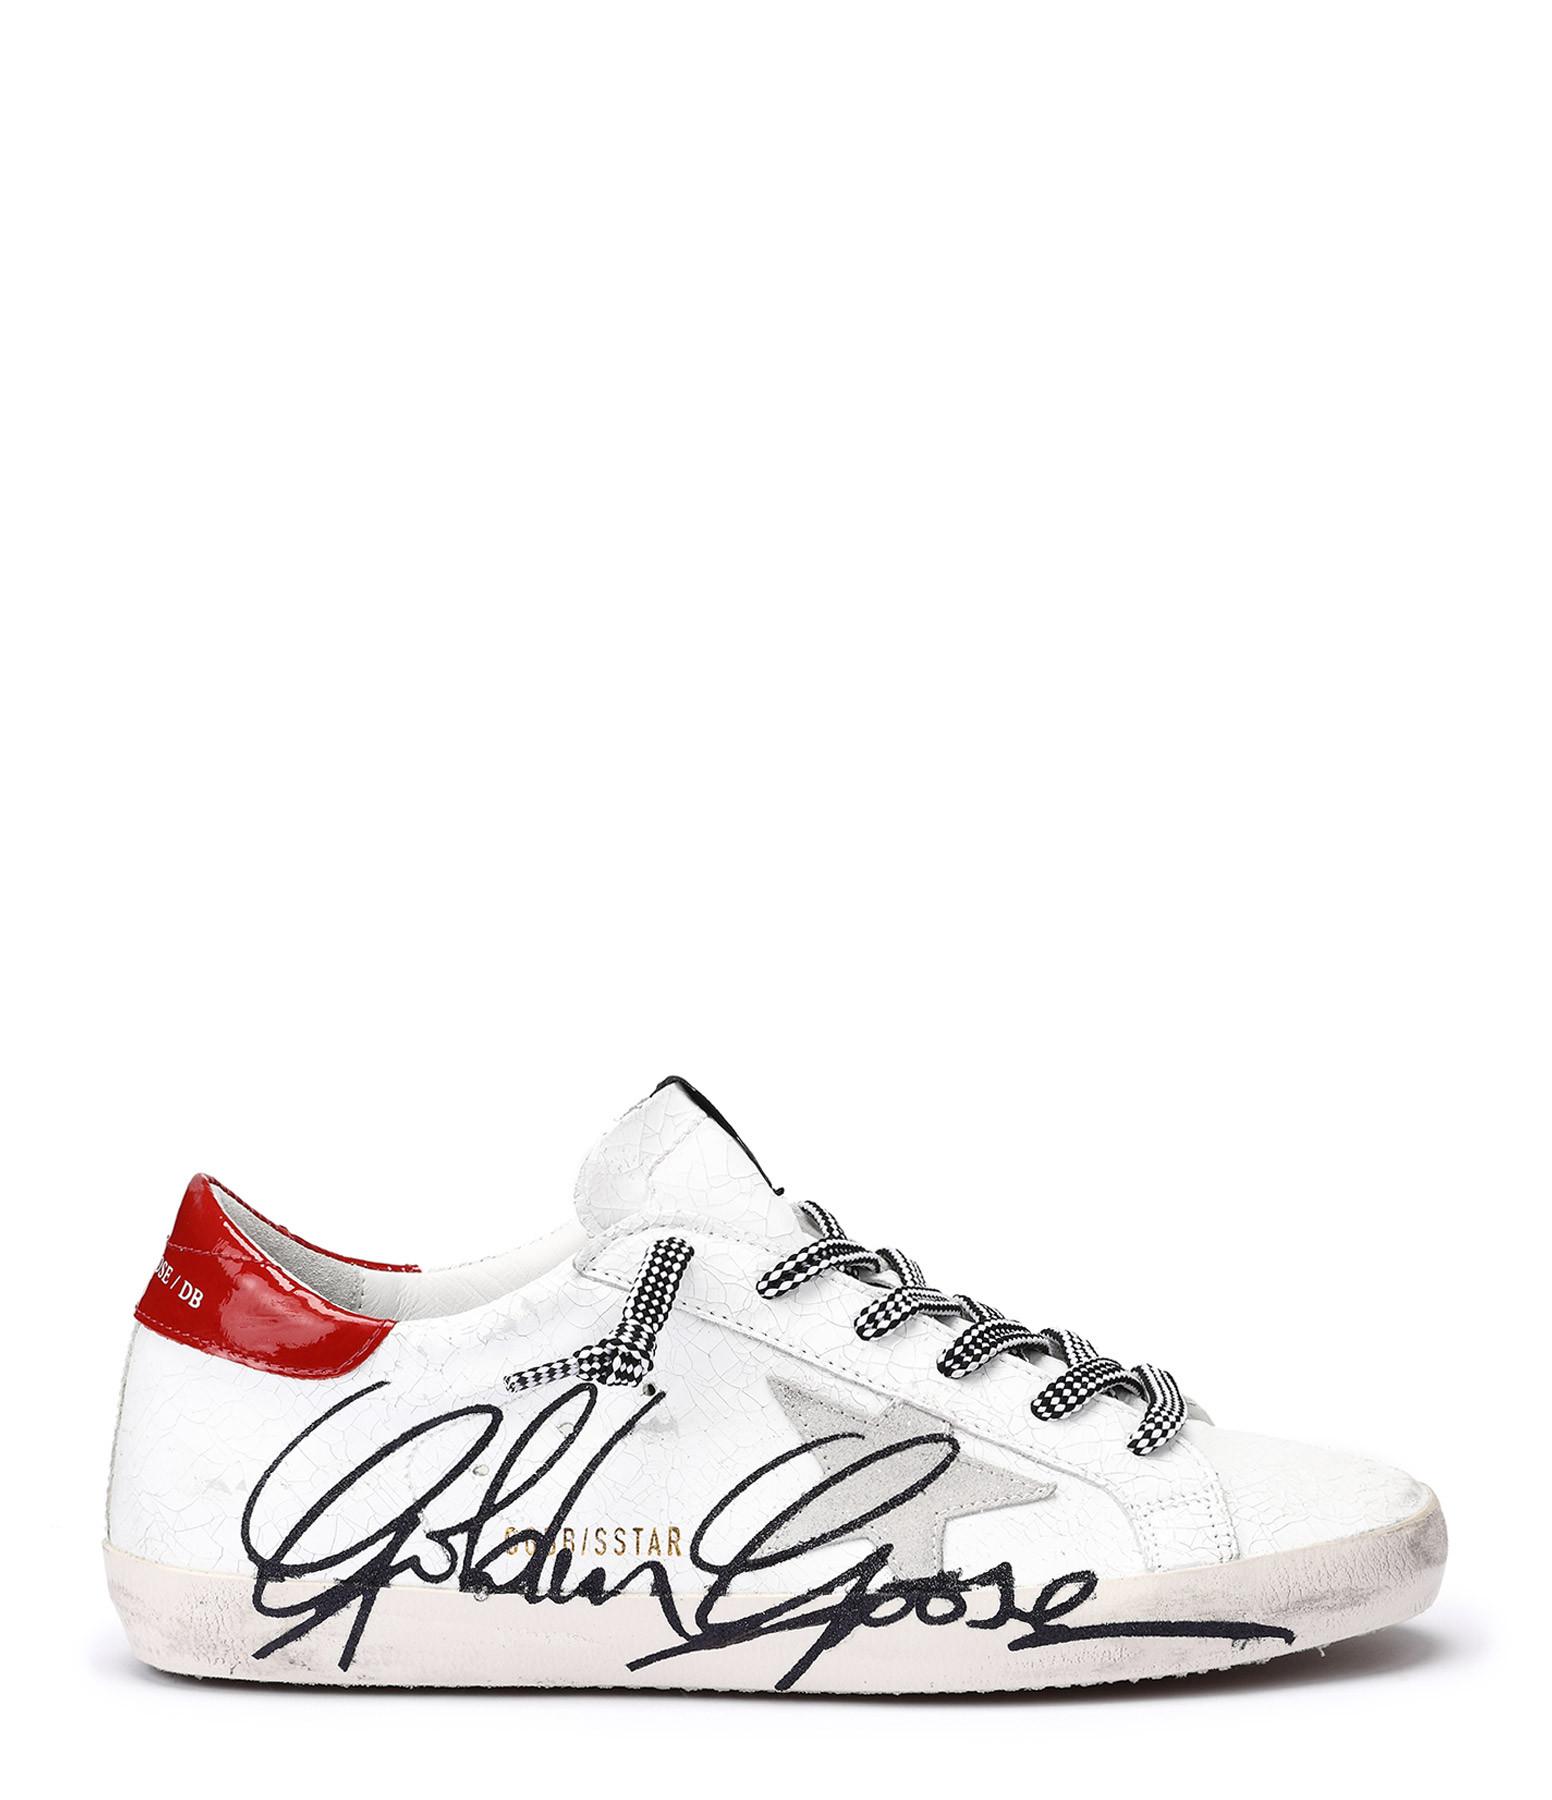 GOLDEN GOOSE - Baskets Superstar Sérigraphie Cuir Blanc Rouge